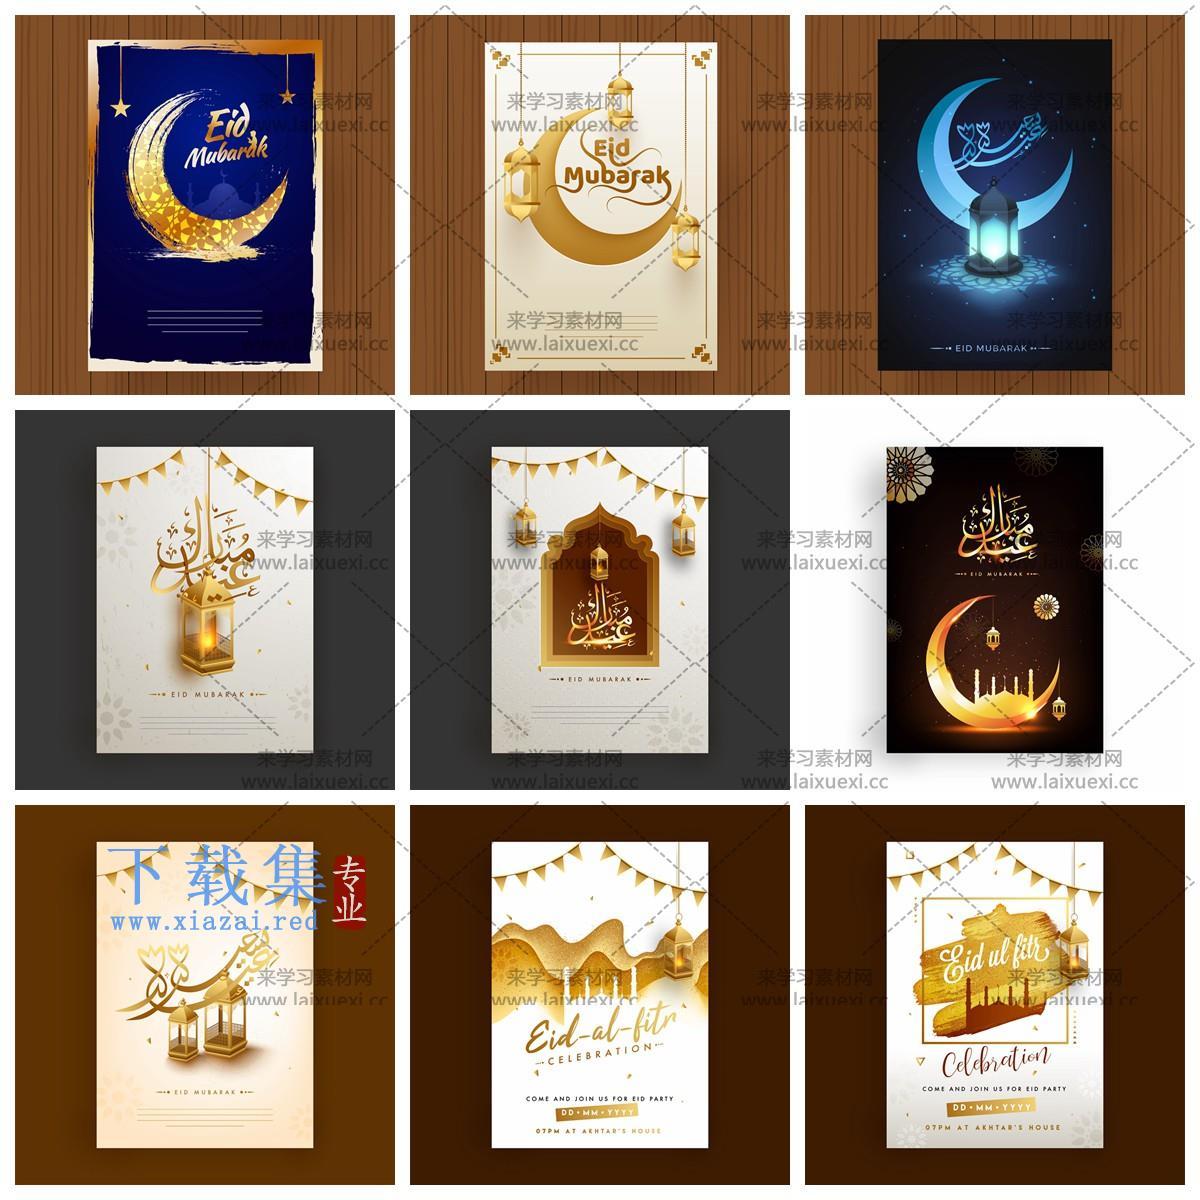 阿拉伯文字EID穆巴拉克金色新月清真寺灯笼元素